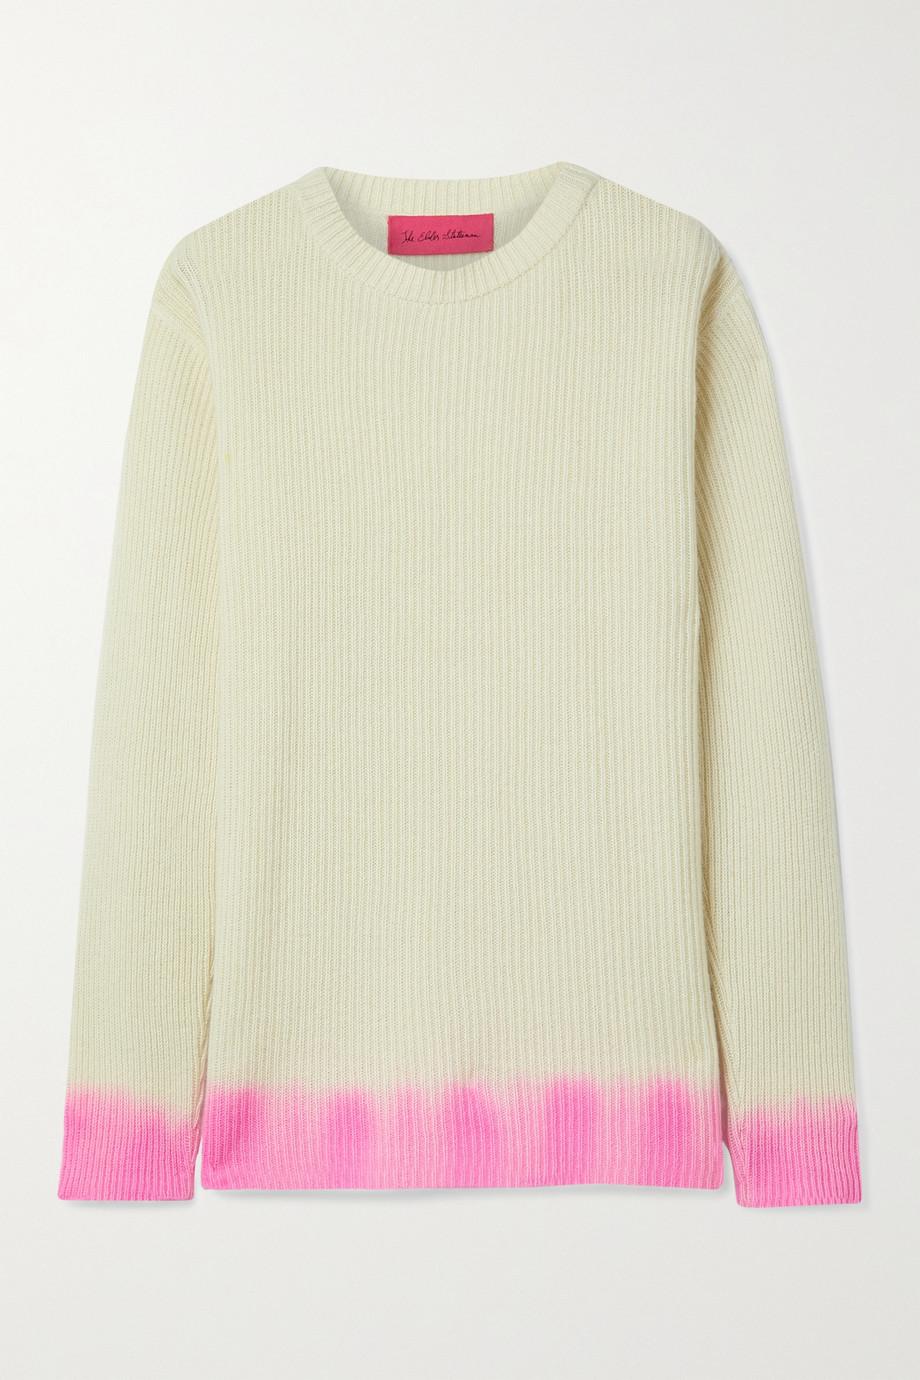 The Elder Statesman Ombré cashmere sweater